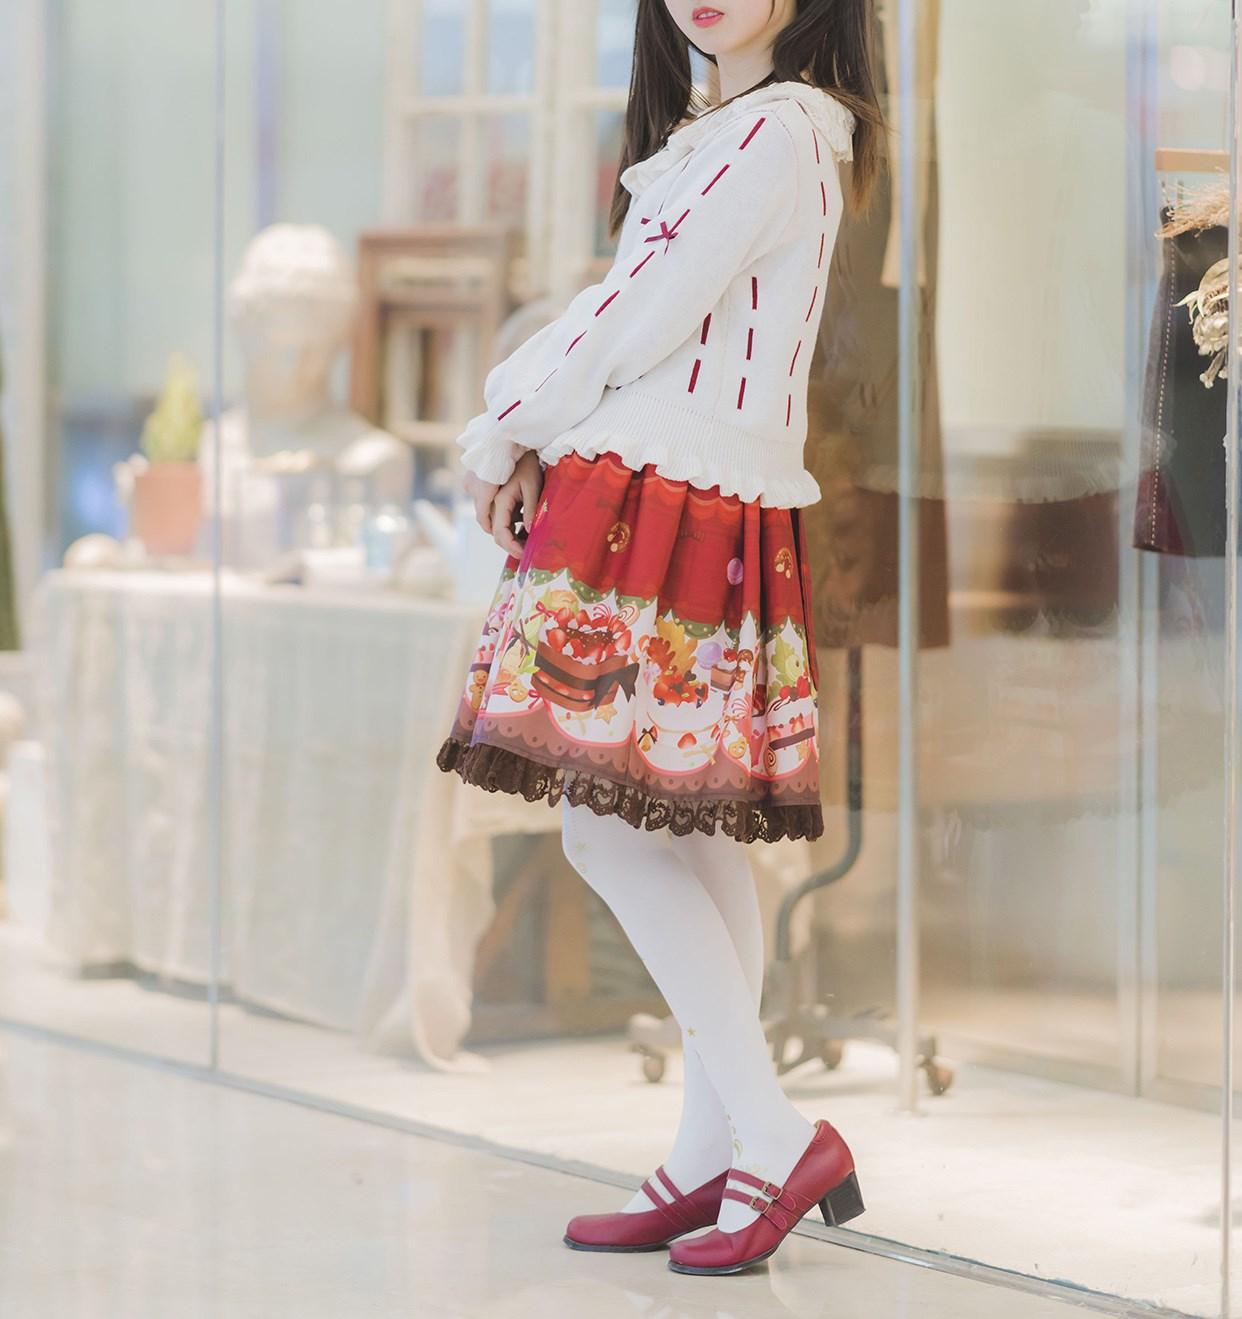 【兔玩映画】一只甜甜的小女友 兔玩映画 第28张